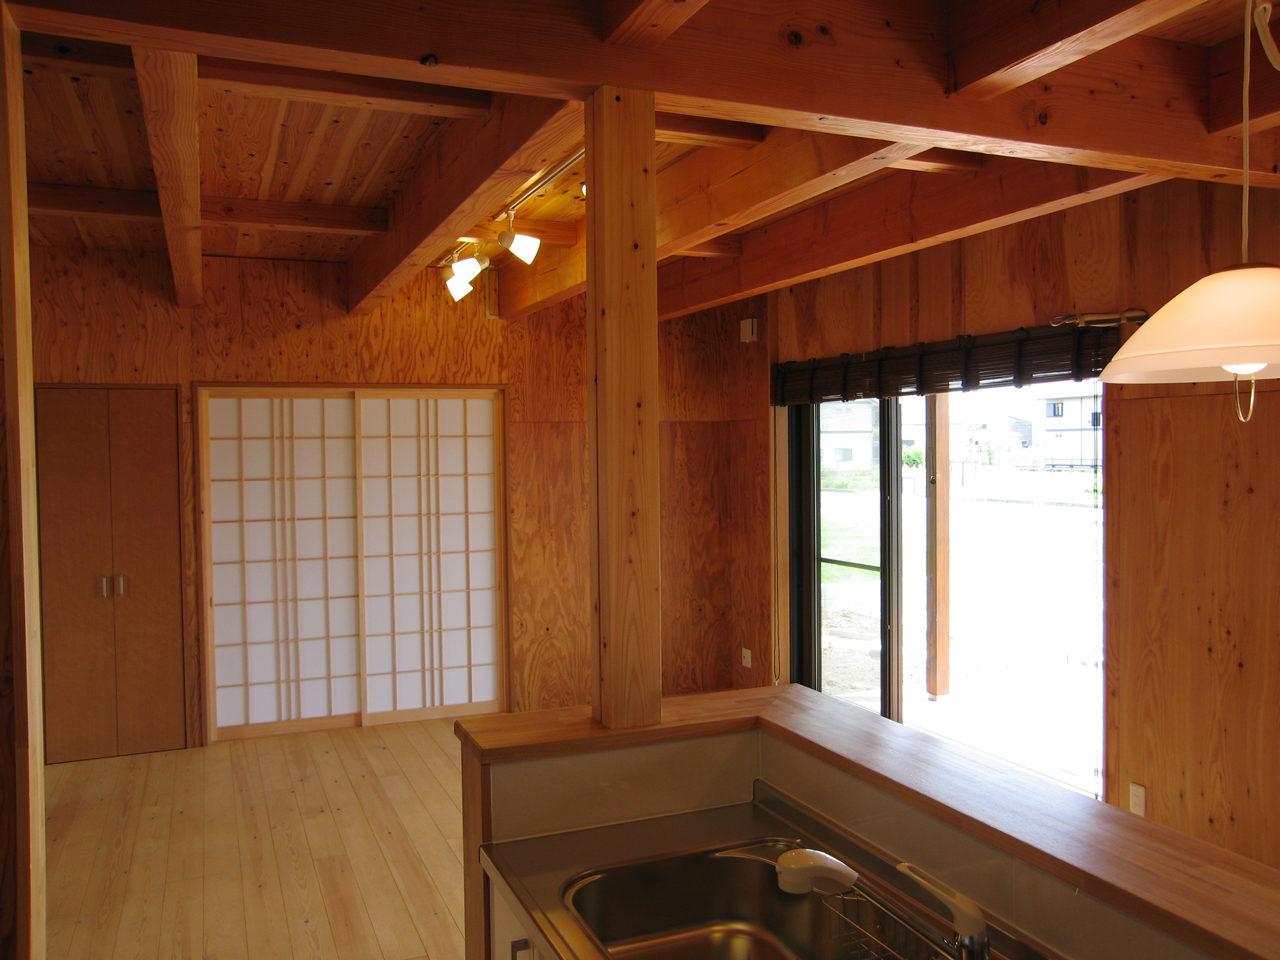 開放的で木の温もりのする注文住宅の新築設計